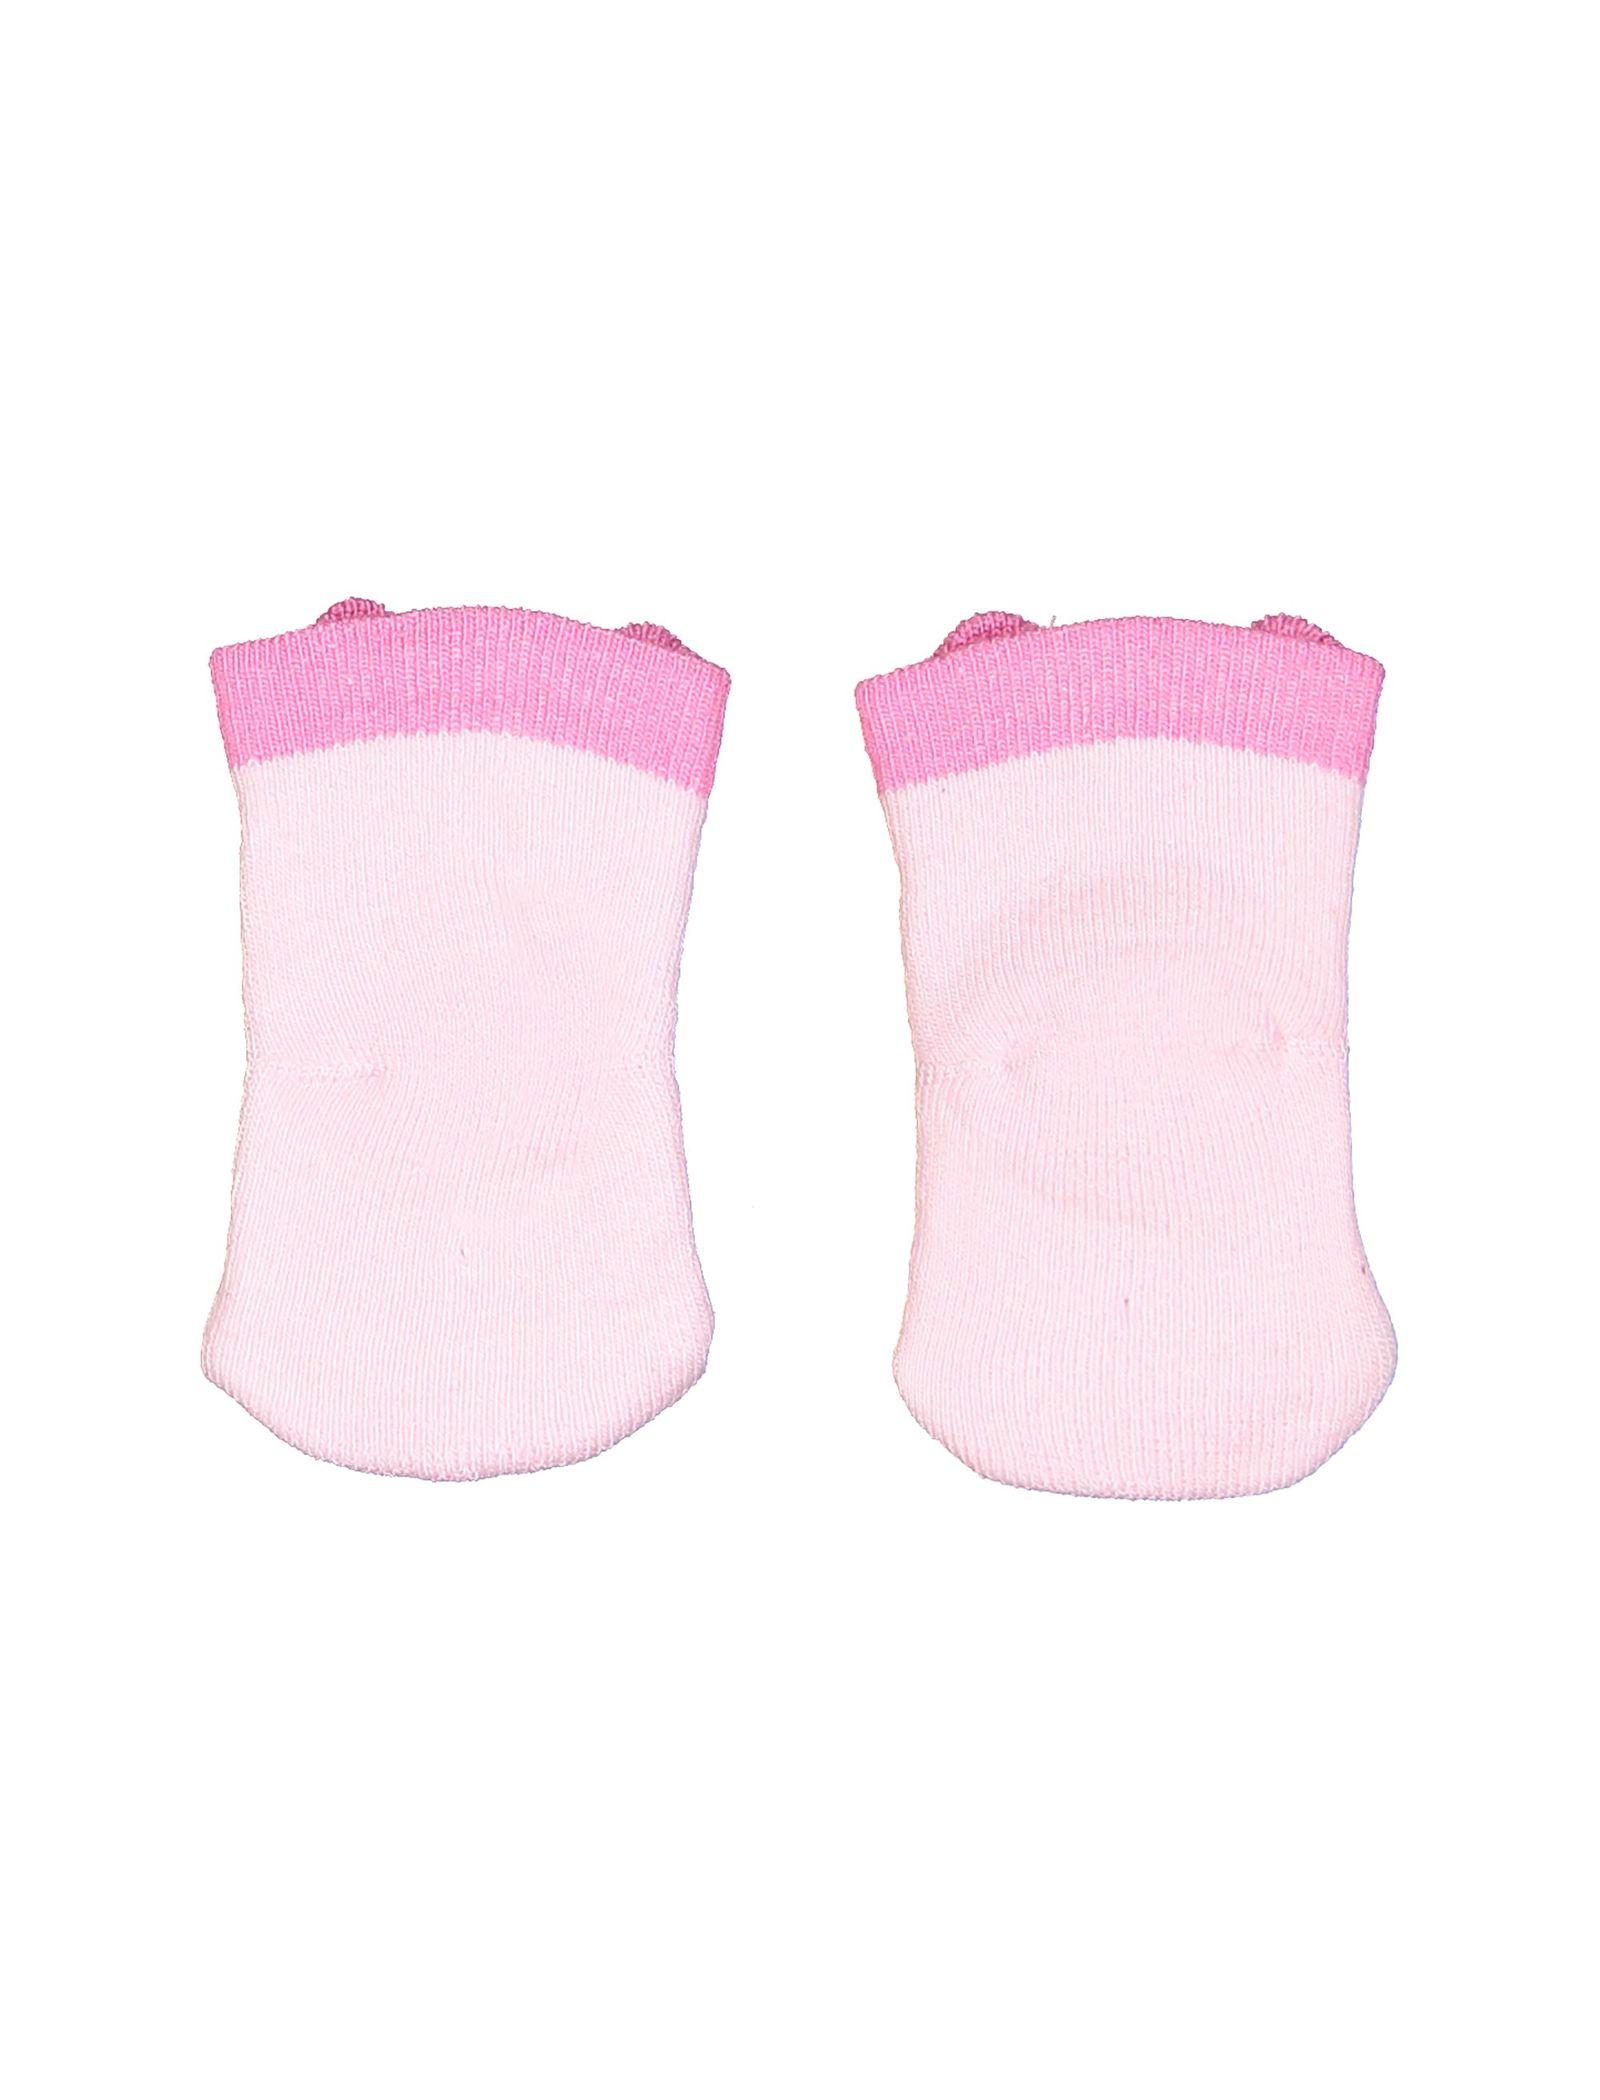 جوراب نخی طرح دار نوزادی - ایدکس - صورتي - 2